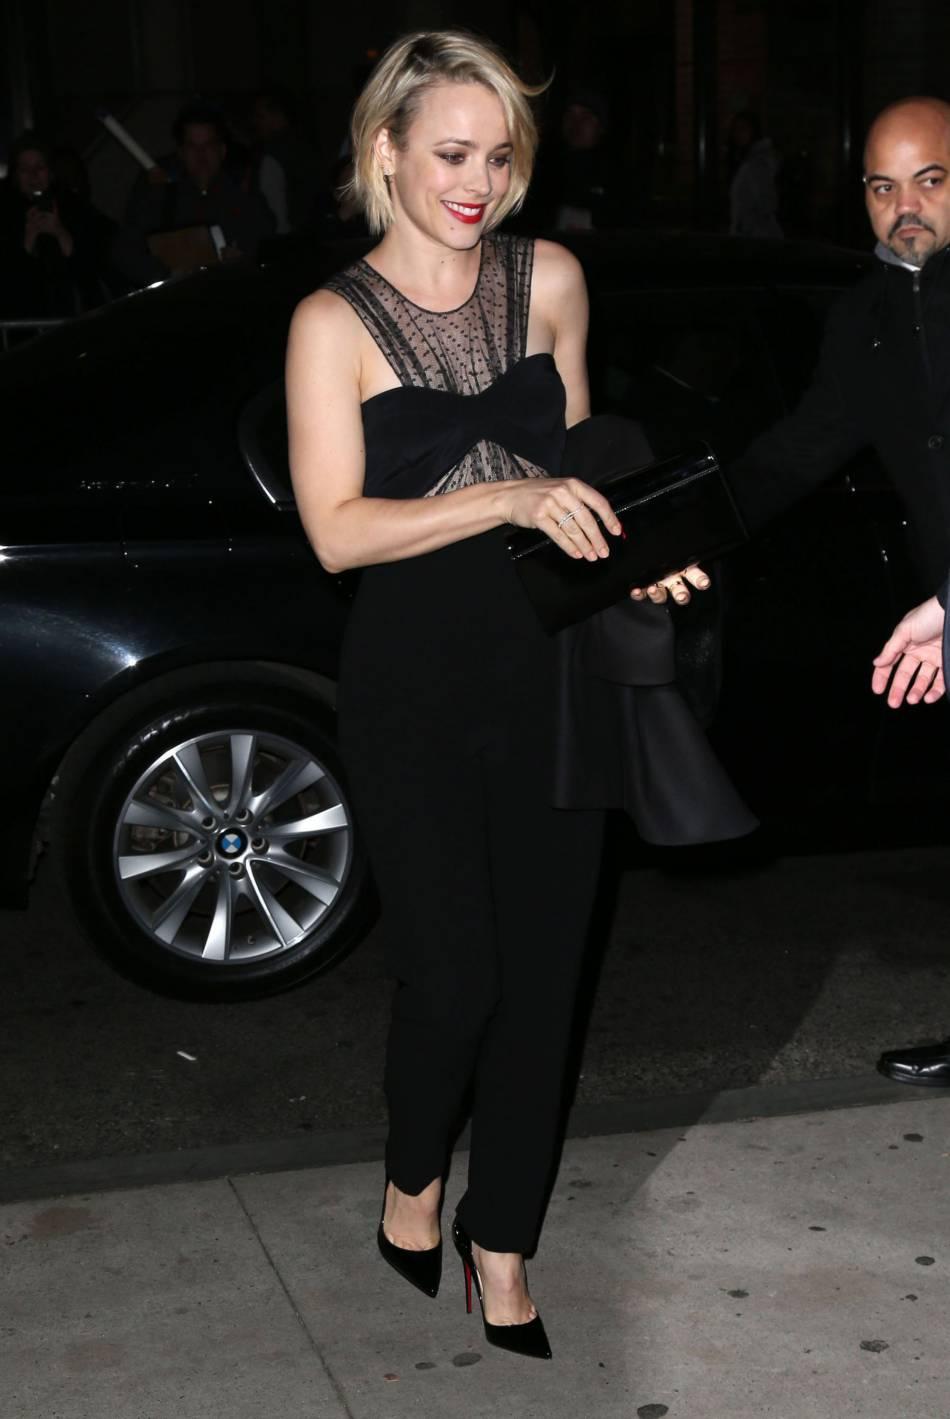 Rachel McAdams à la 25 ème soirée annuelle Gotham Independent Film Awards à New York, dimanche 30 novembre 2015.